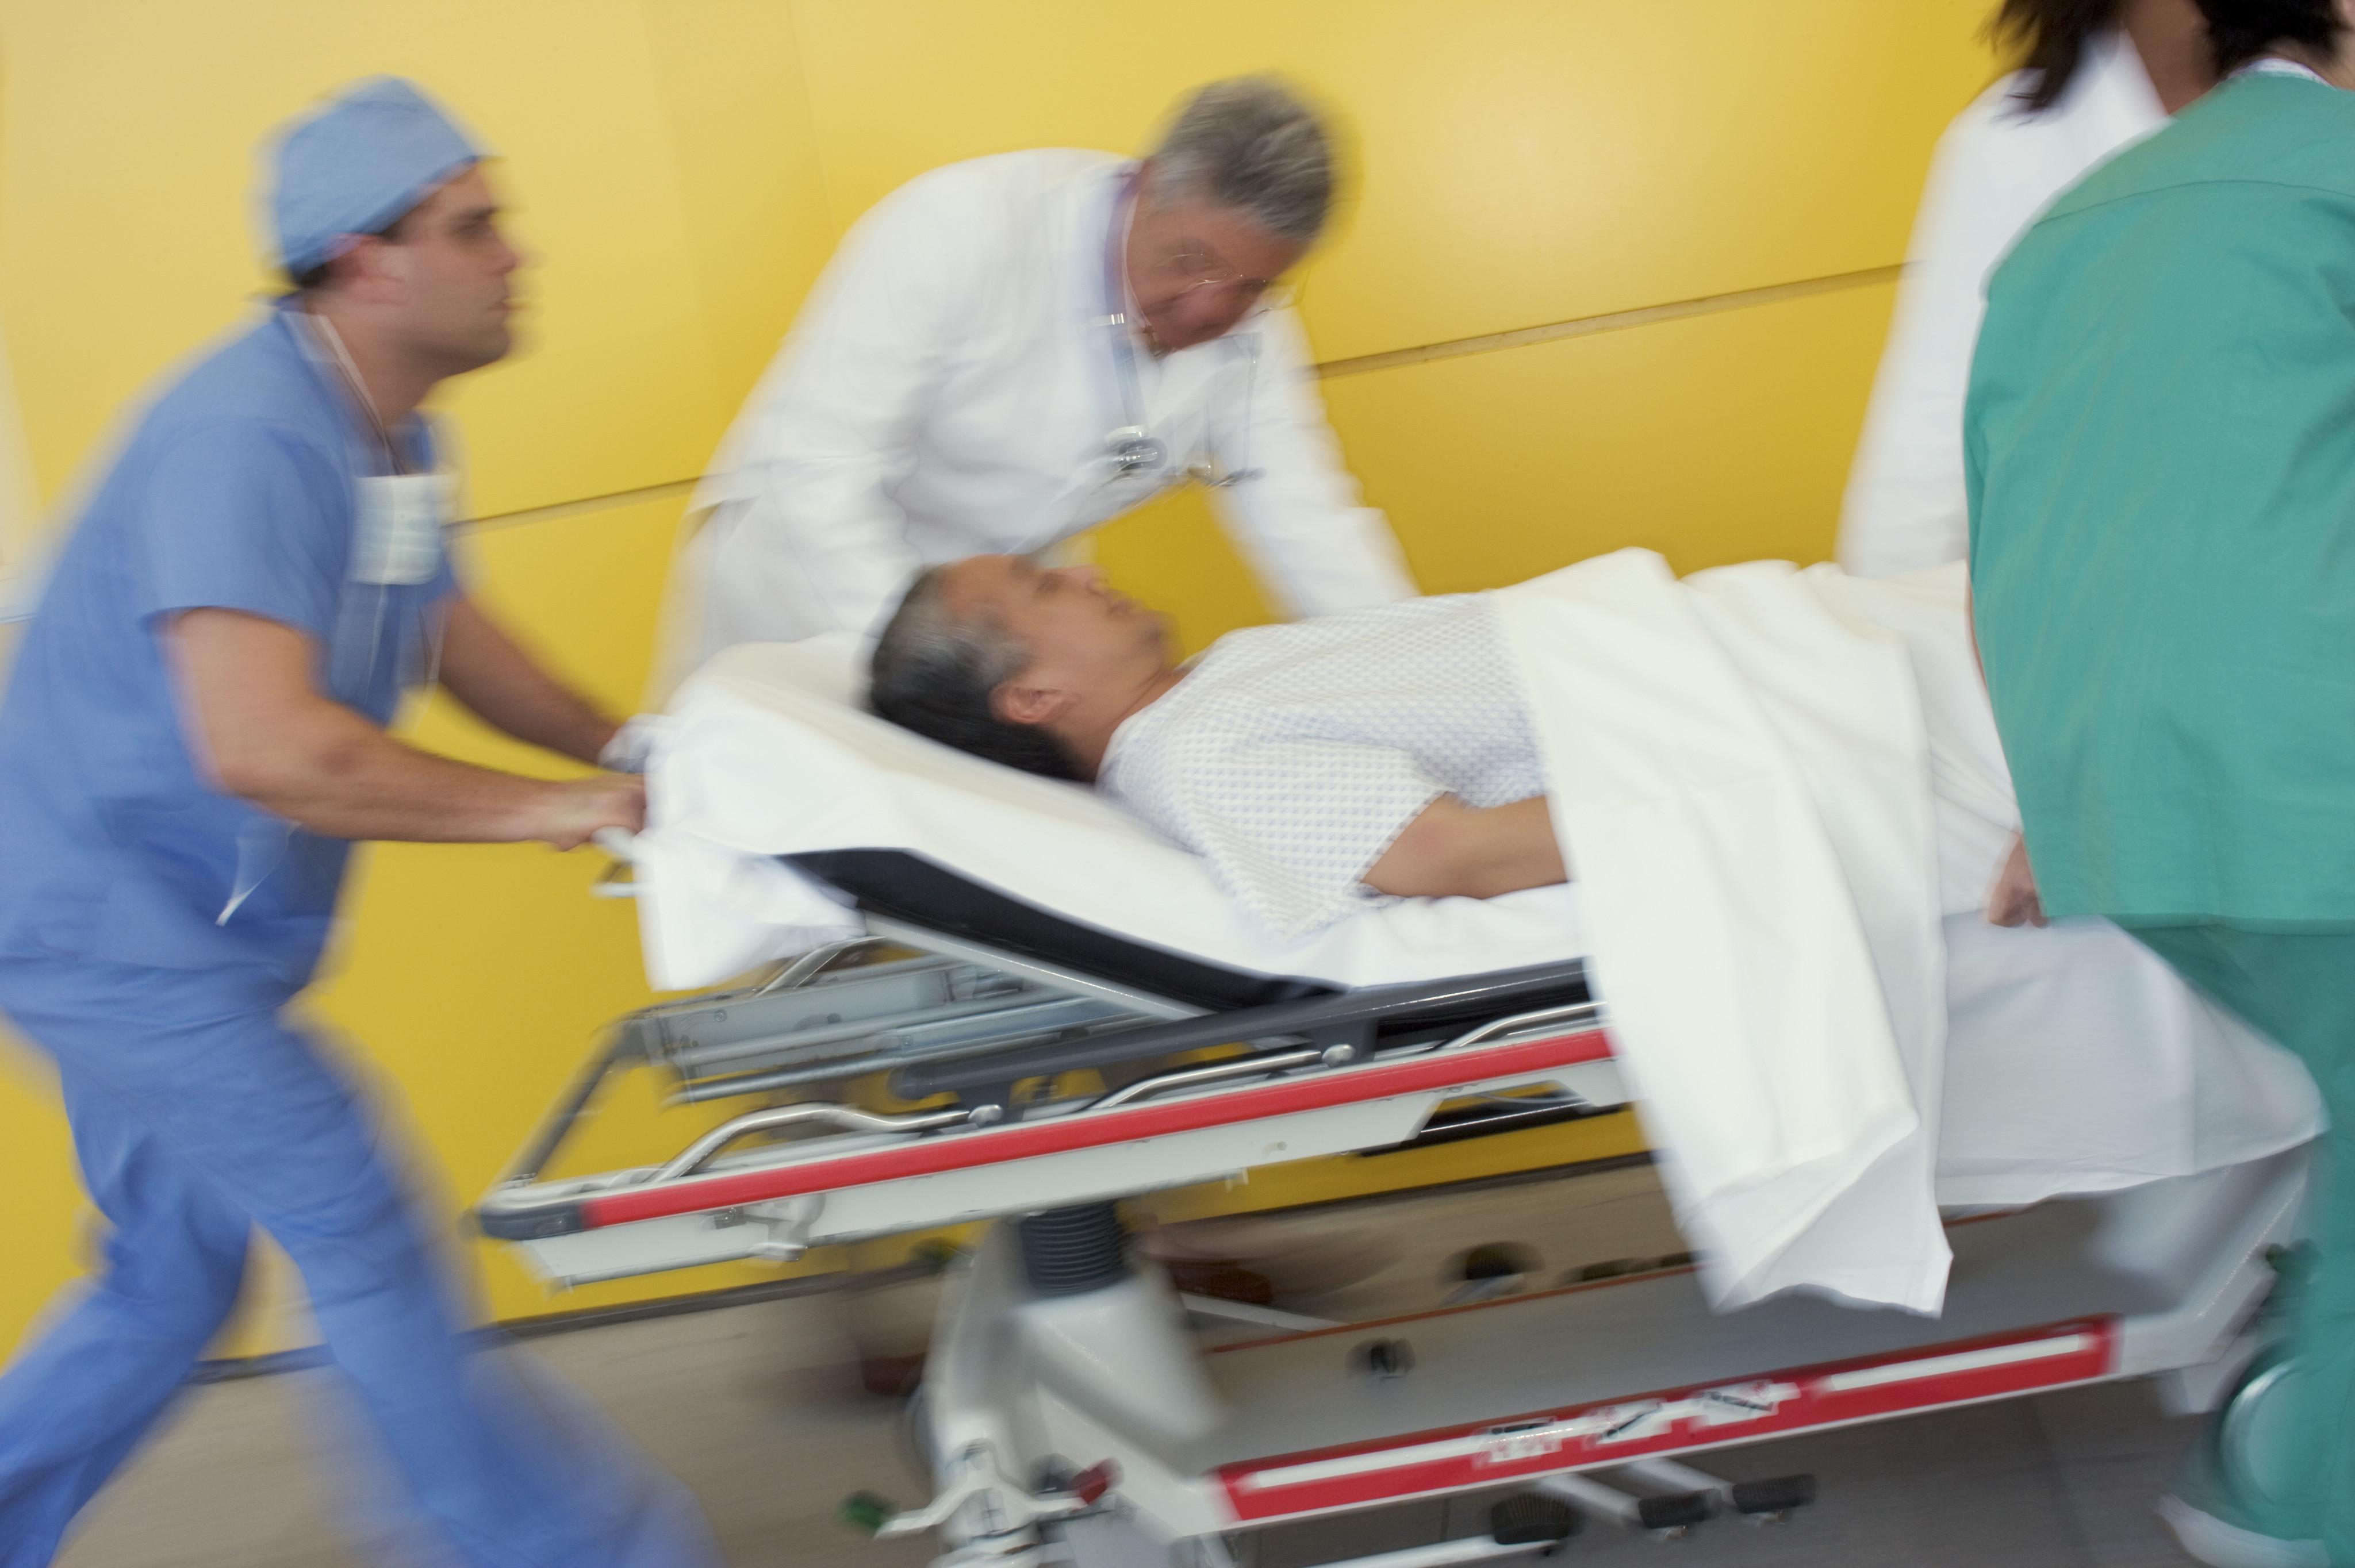 pasient på båre blir fraktet i høy hastighet